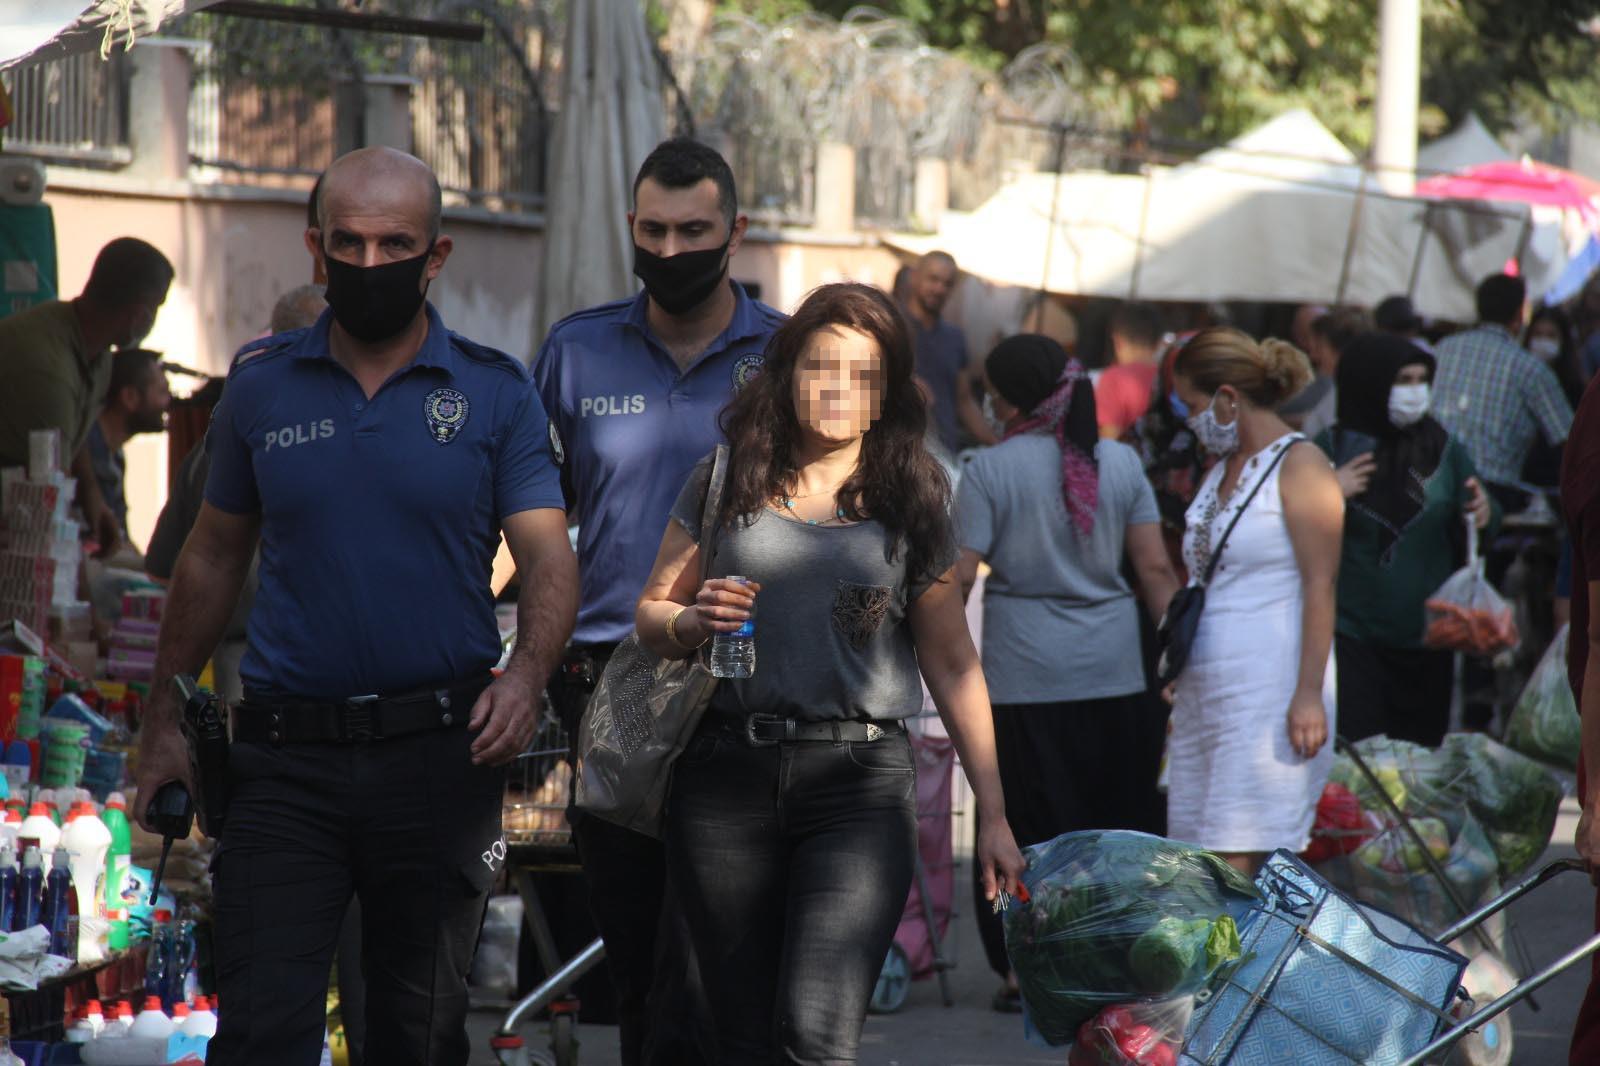 Kıskanç koca alarmı! Genç kadını polis kurtardı